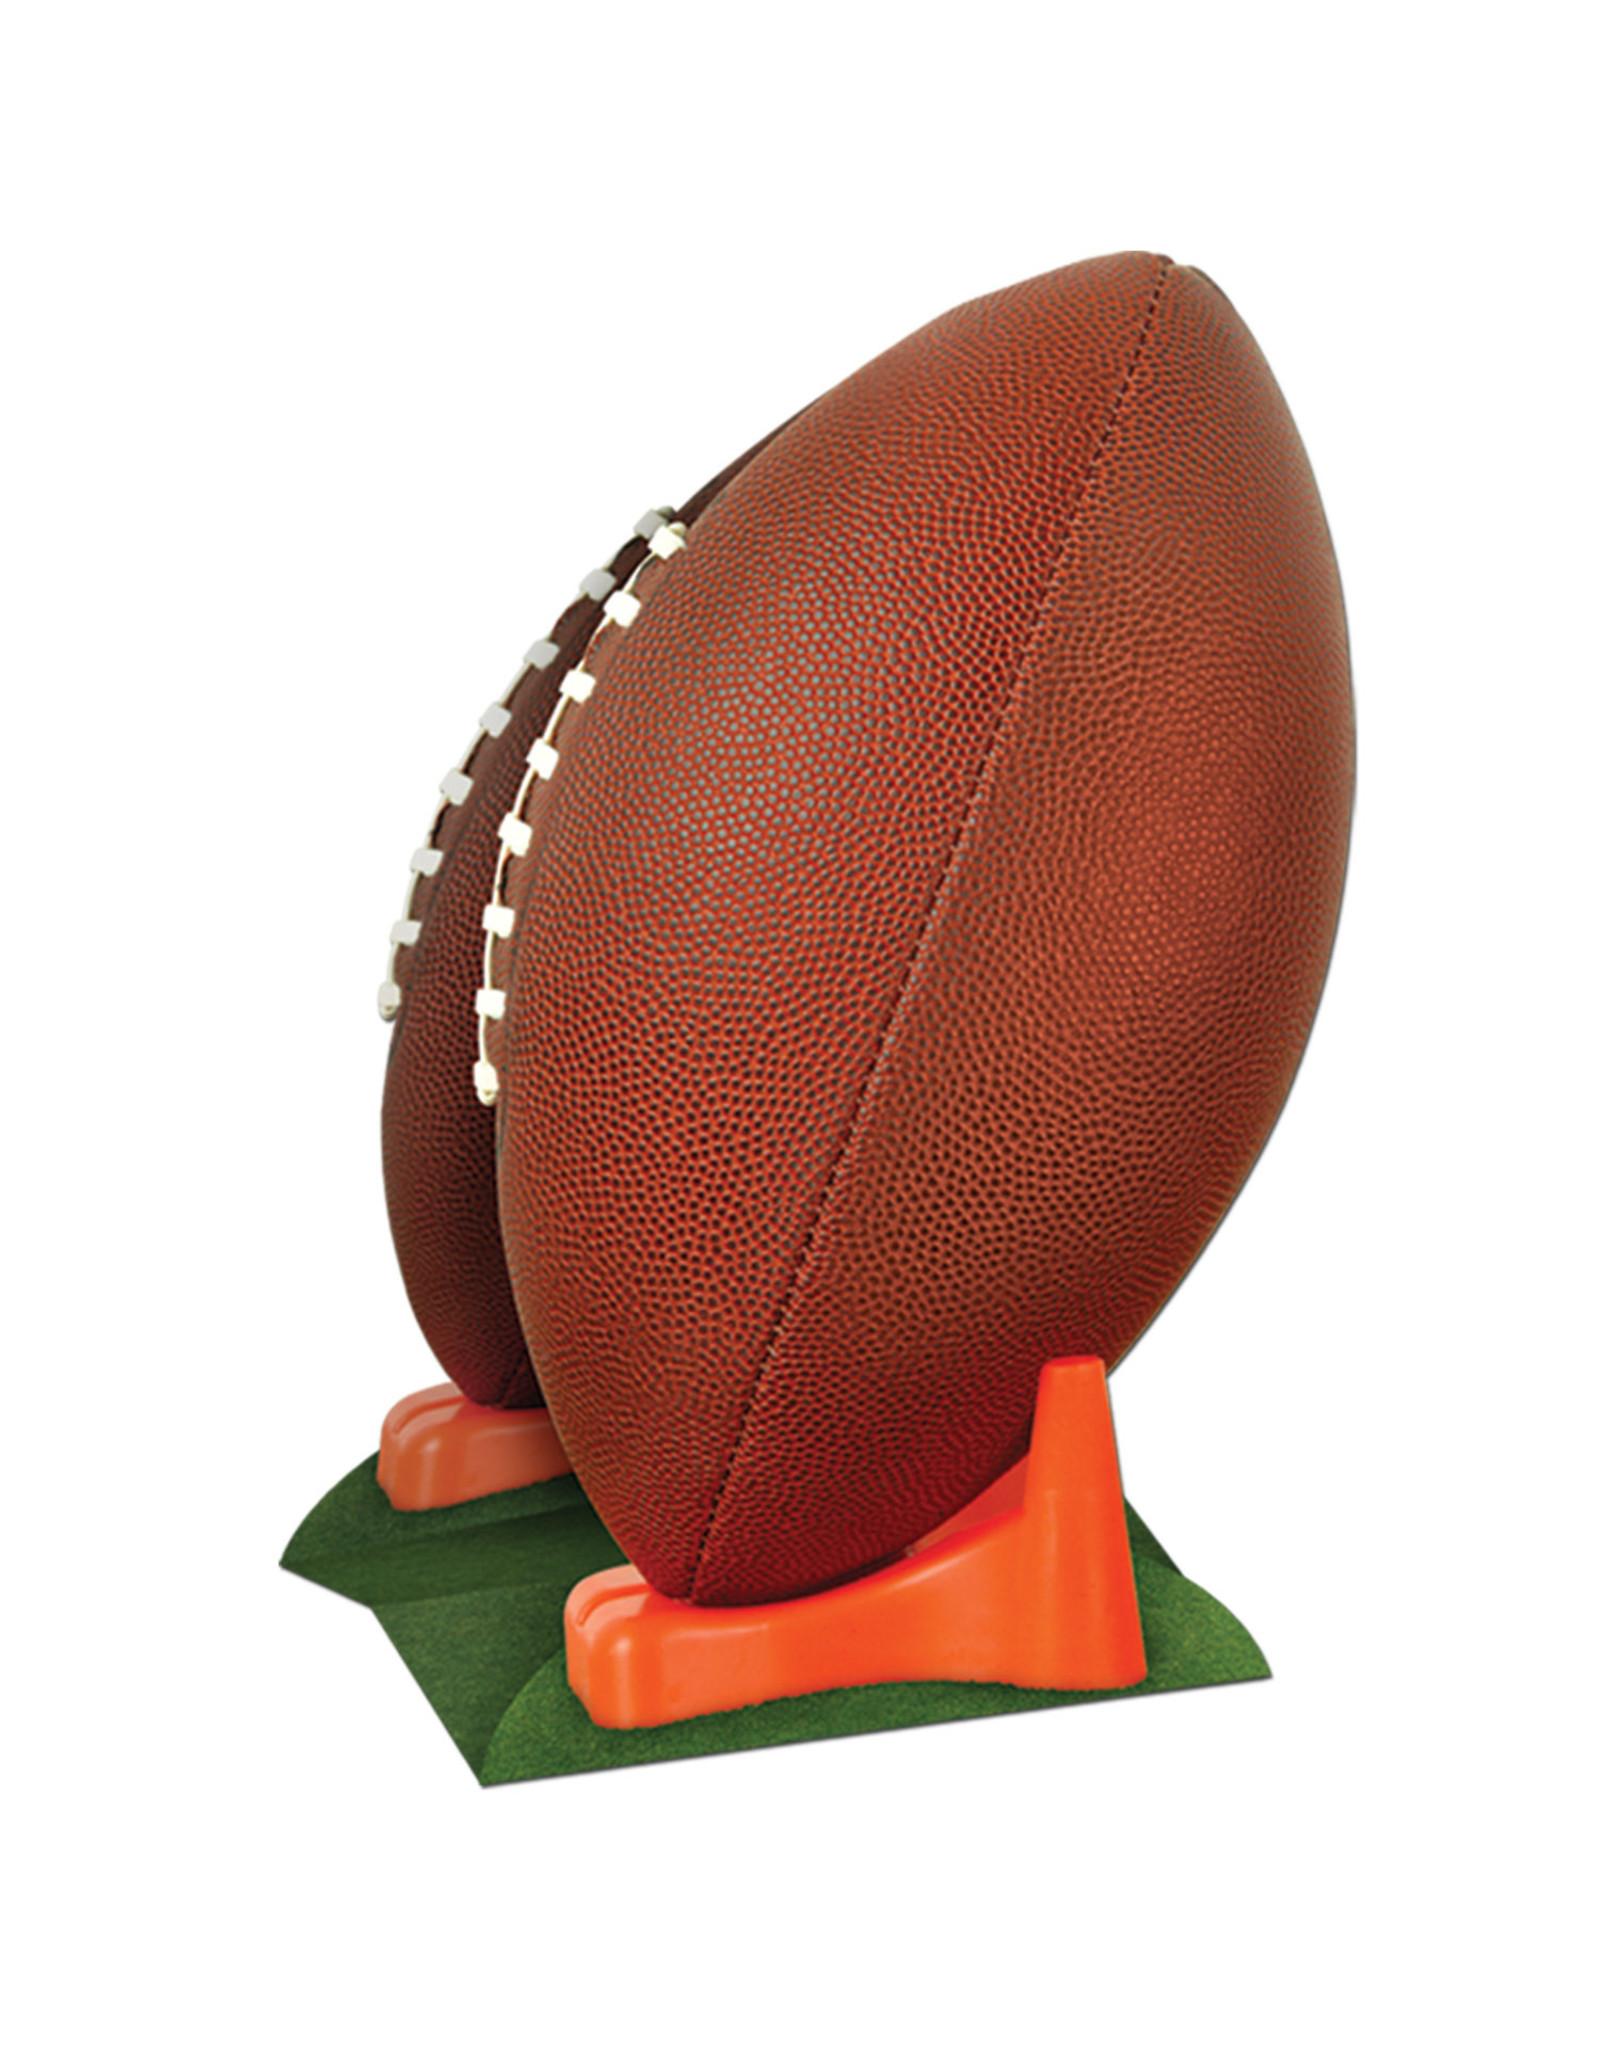 Beistle 3-D Football Centerpiece - 1ct.